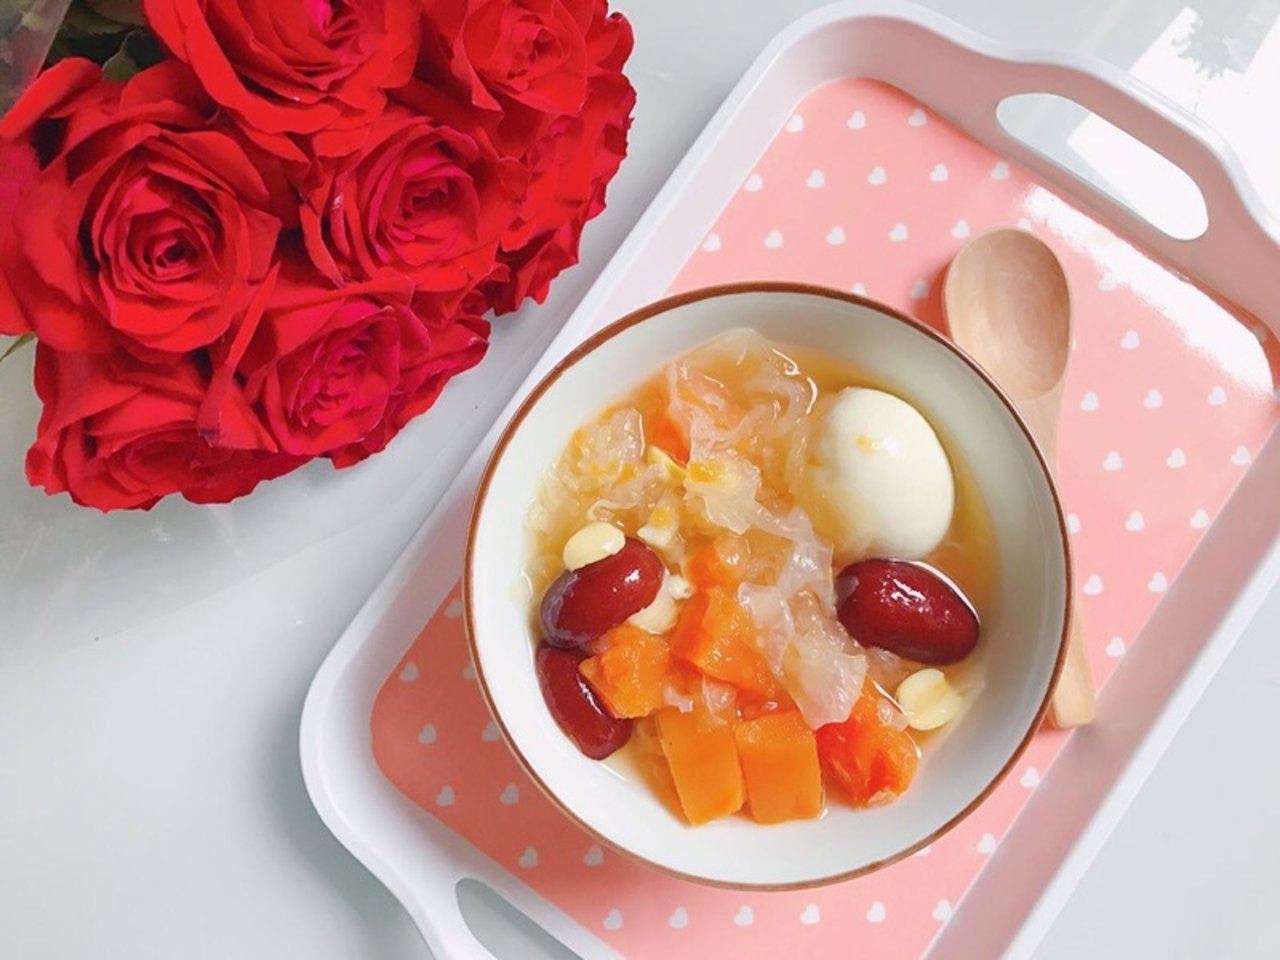 美容养生糖水:木瓜雪耳莲子蛋糖